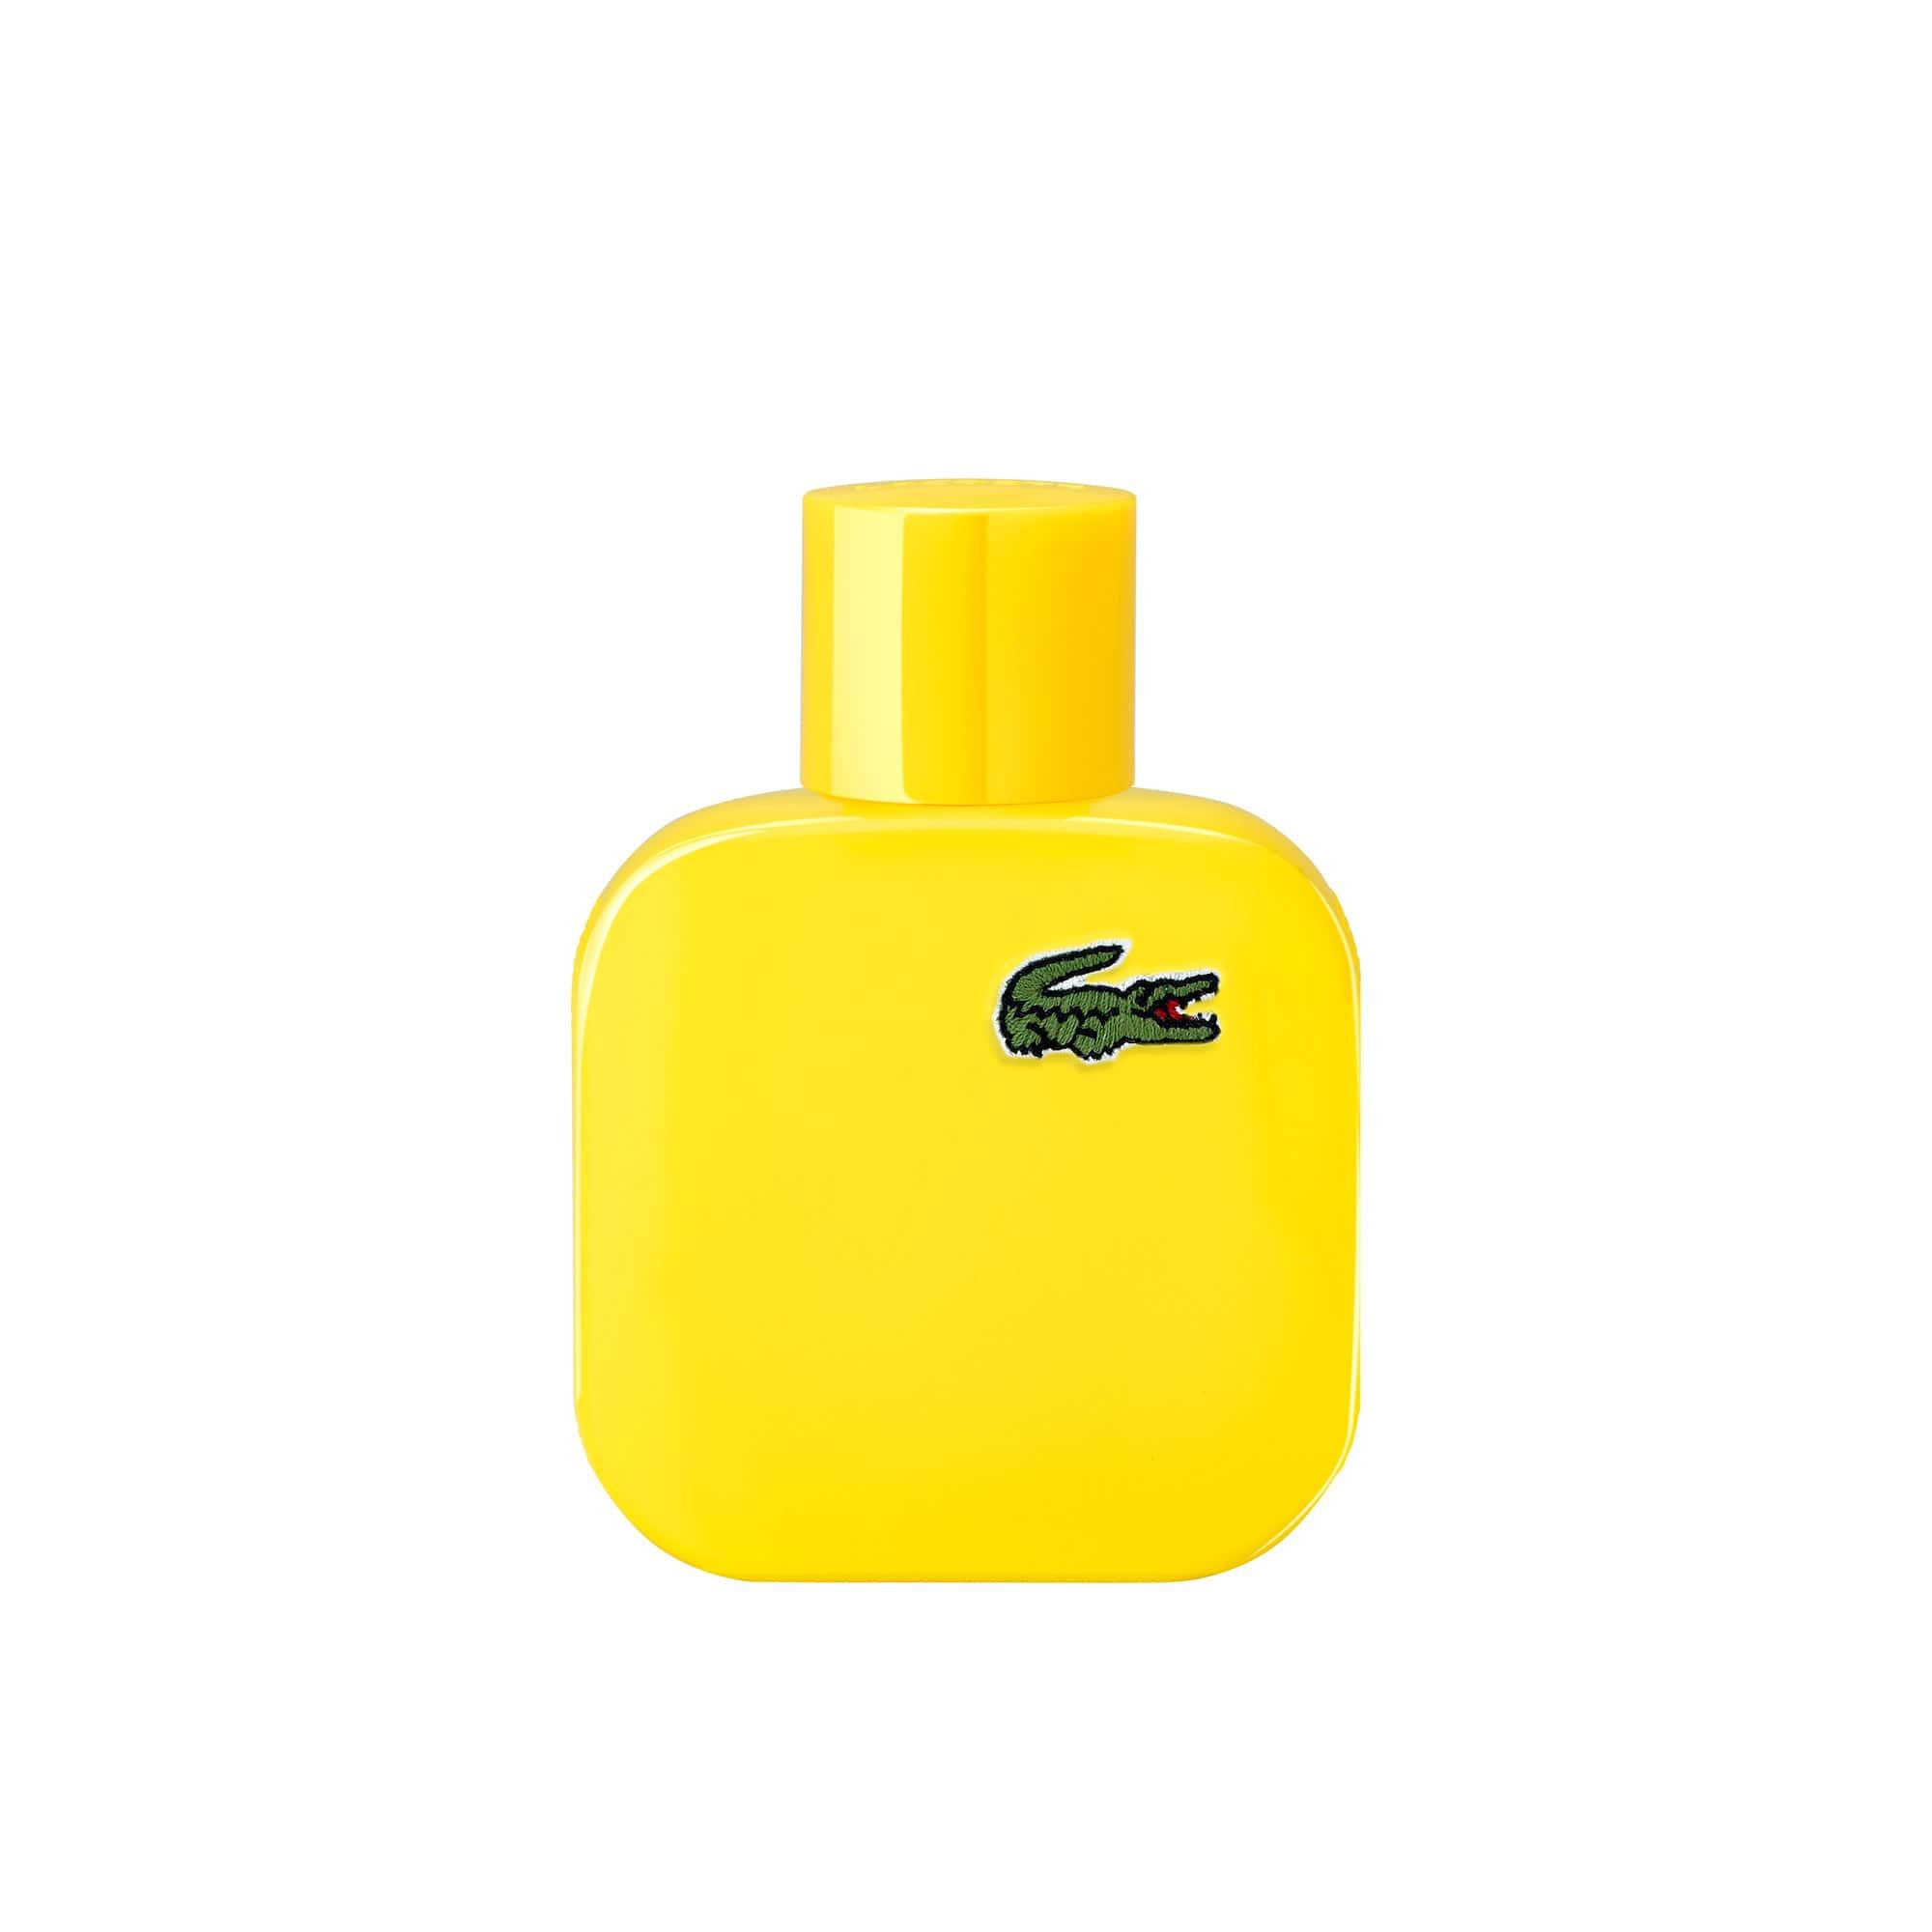 Eau de Lacoste L.12.12 Amarelo Eau de Toilette 50 ml